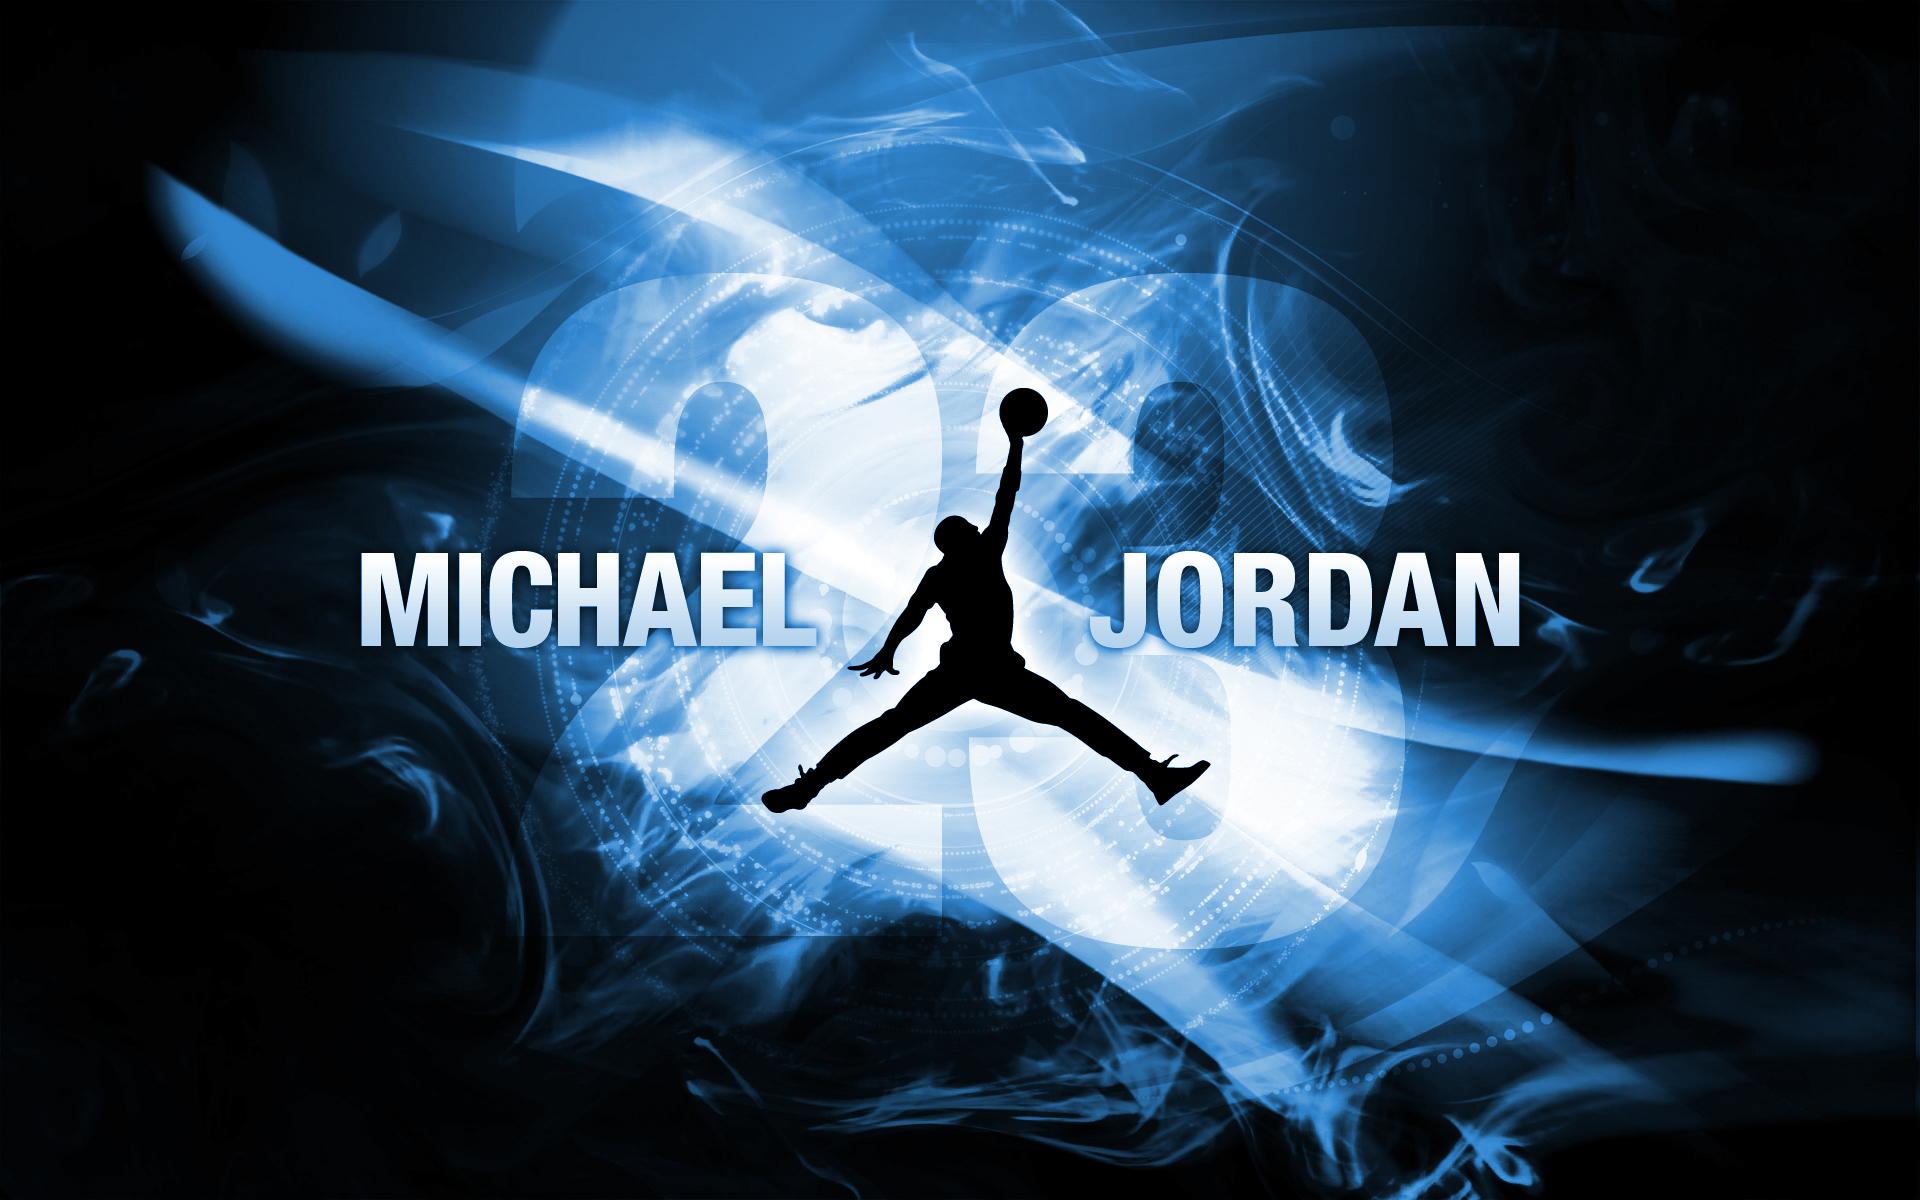 デスクトップ壁紙 スポーツ ロゴ バスケットボール マイケル